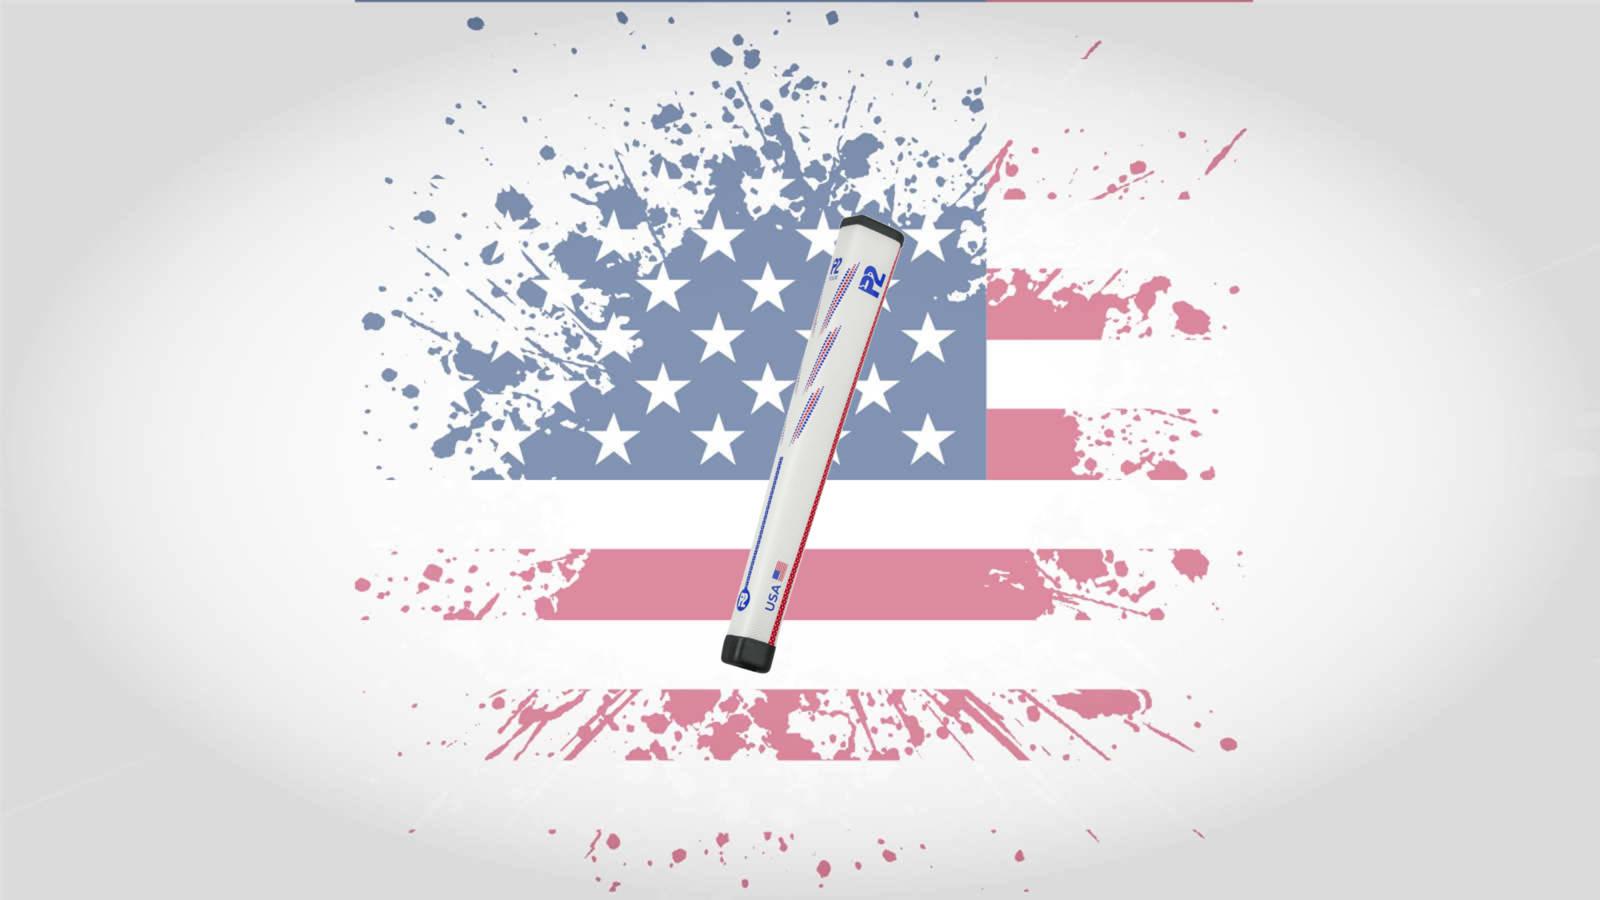 America putter grip